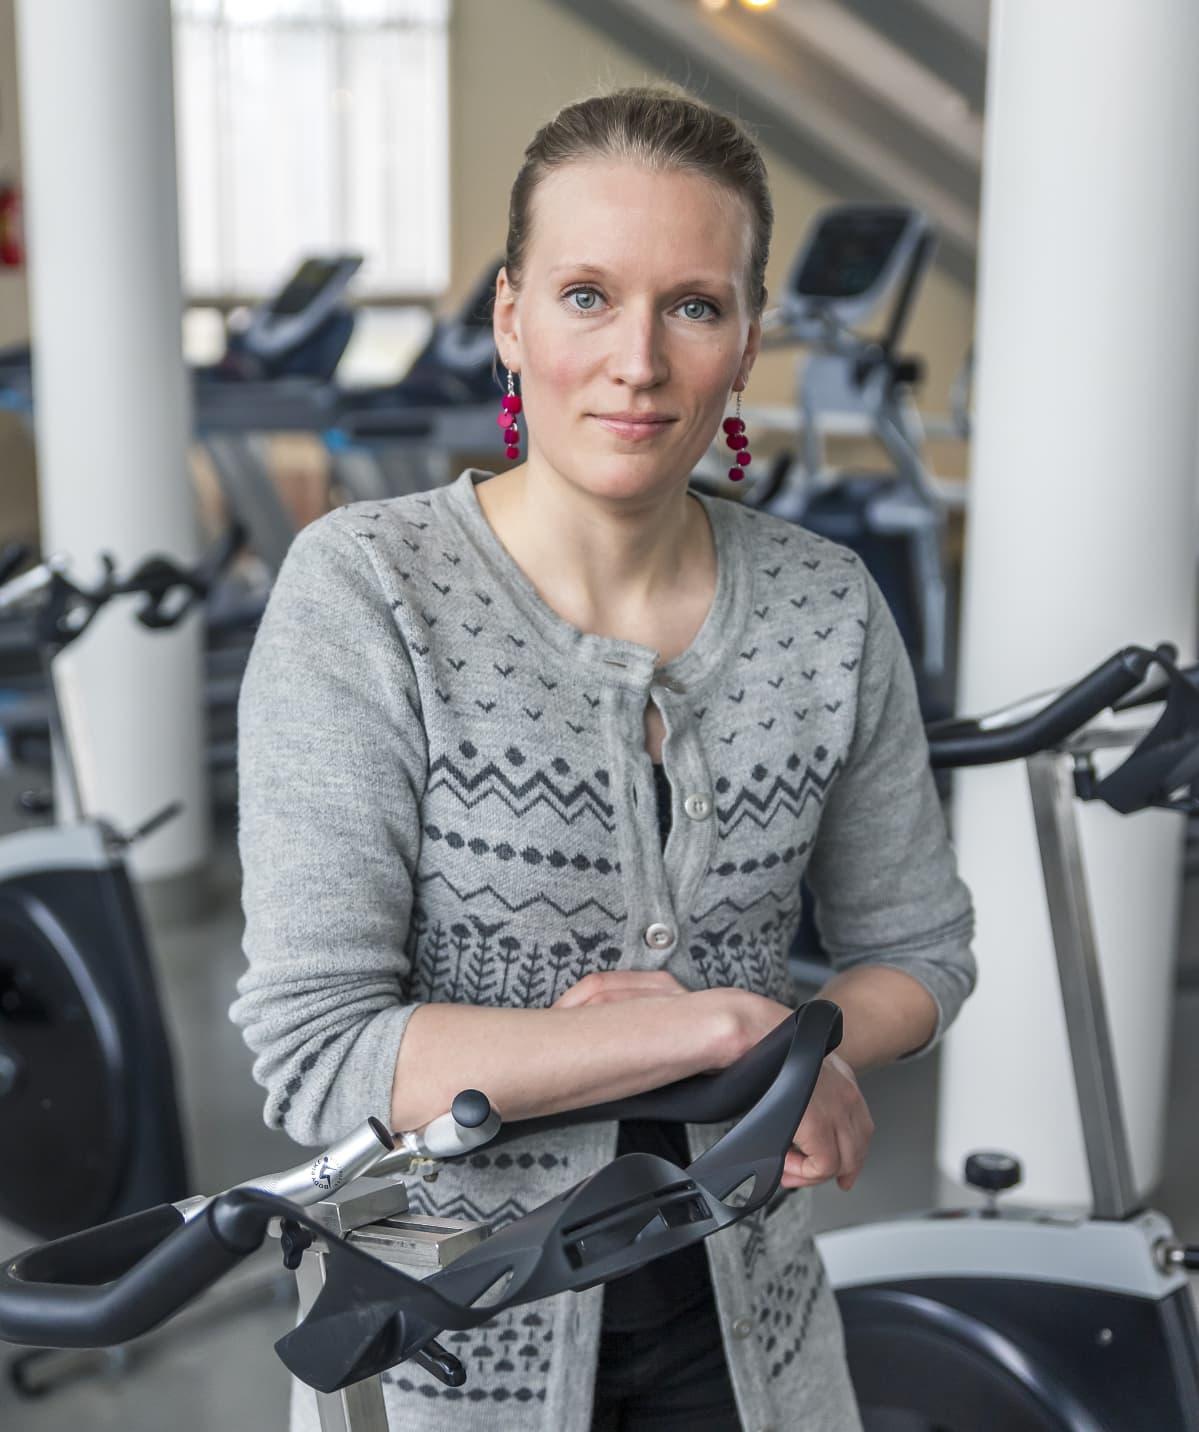 Fysioterapeutti, väitöskirjatutkija Riikka Holopainen, Jyväskylän yliopisto.